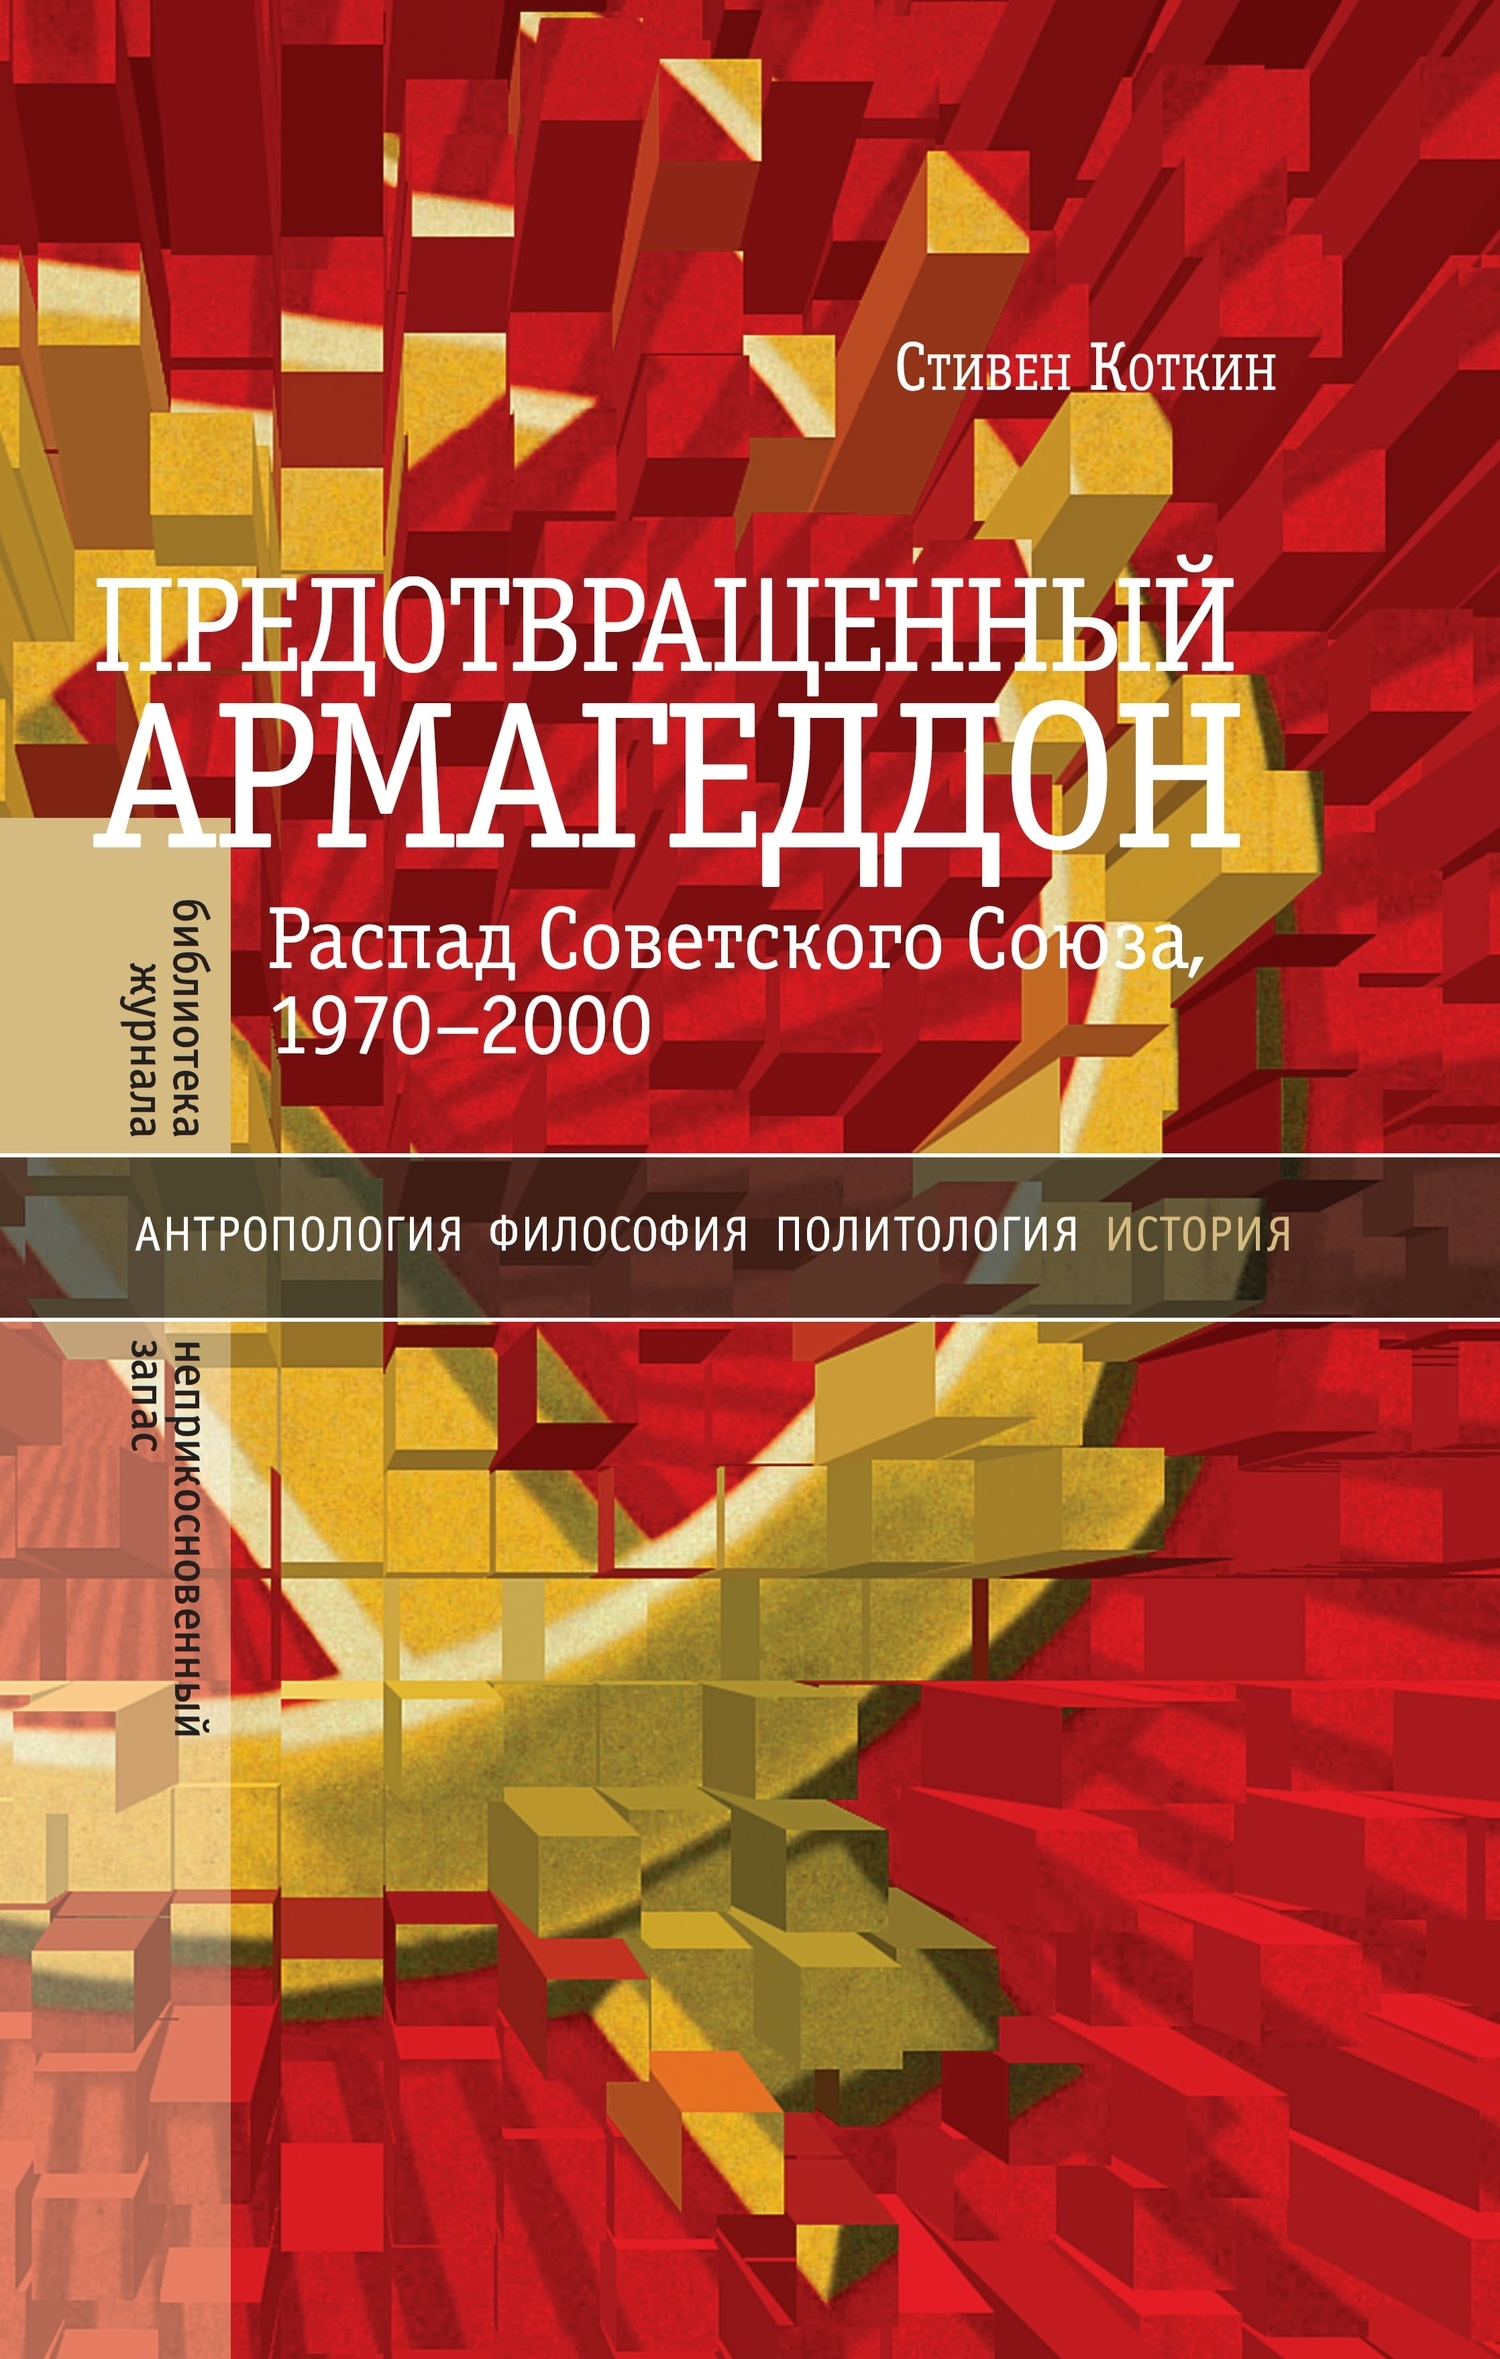 Стивен Коткин - Предотвращенный Армагеддон. Распад Советского Союза, 1970–2000